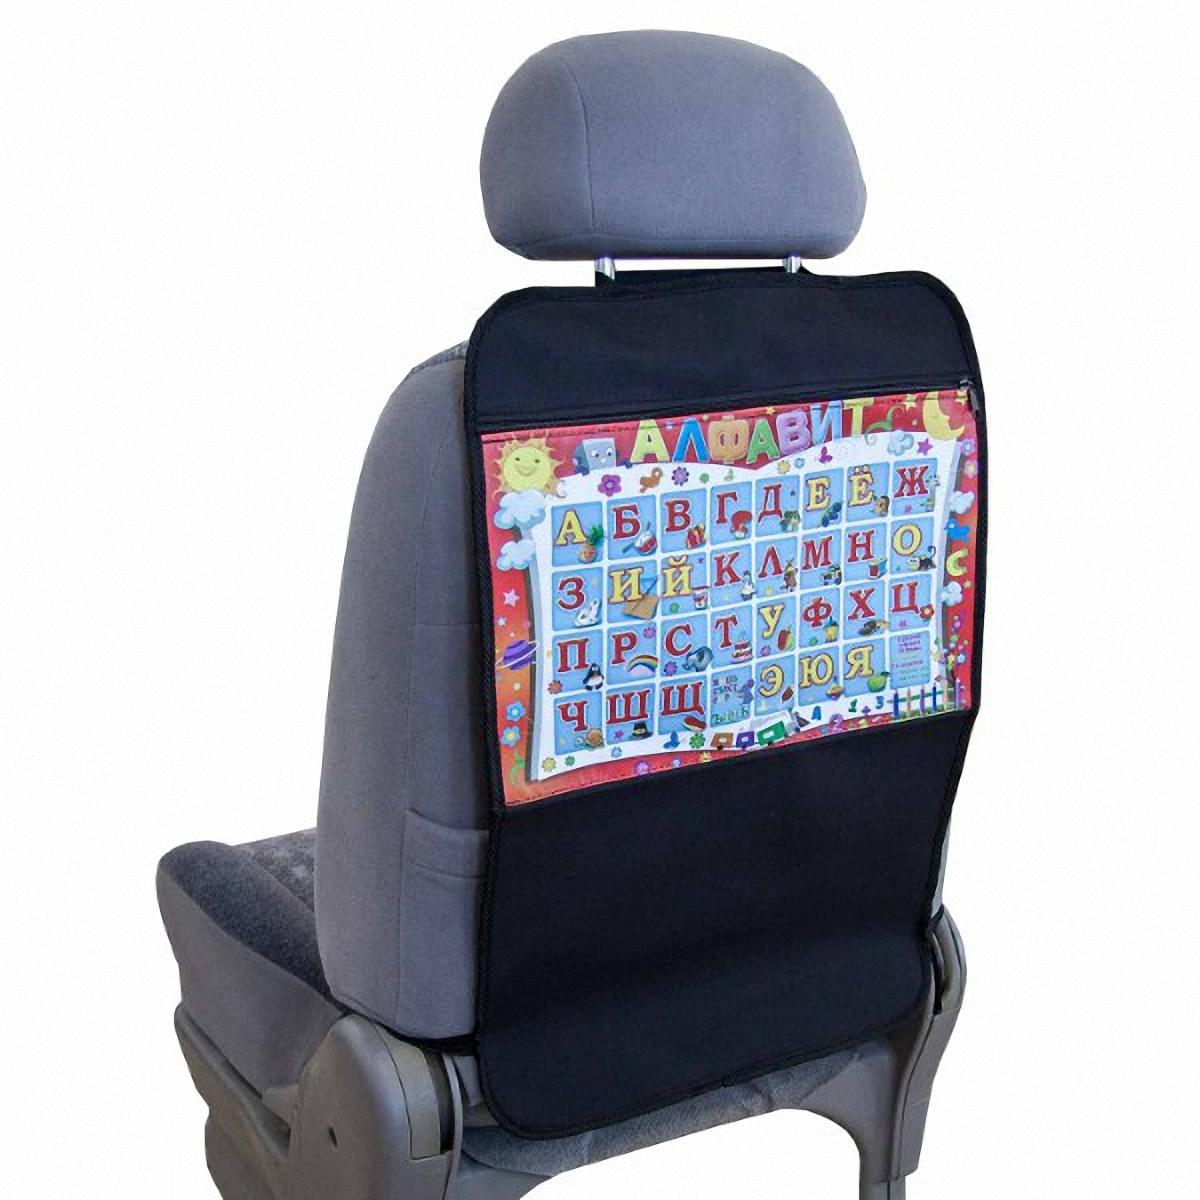 Накидка-органайзер защитная Skyway, на спинку сидения, 37 х 55 см. S06101003SC-FD421005Защитная накидка-органайзер Skyway изготовлена из материалов, отличающихся высокими эксплуатационными характеристиками, благодаря чему в течение длительного времени сохраняет презентабельный внешний вид. Ткань накидки устойчива к механическому воздействию, а также является достаточно прочной и плотной для того, чтобы не пропустить жидкости и другие источники загрязнений к обивке сидений. А рисунок в виде алфавита не даст заскучать вашему ребенку в дальней дороге.Размер изделия: 37 х 55 см.